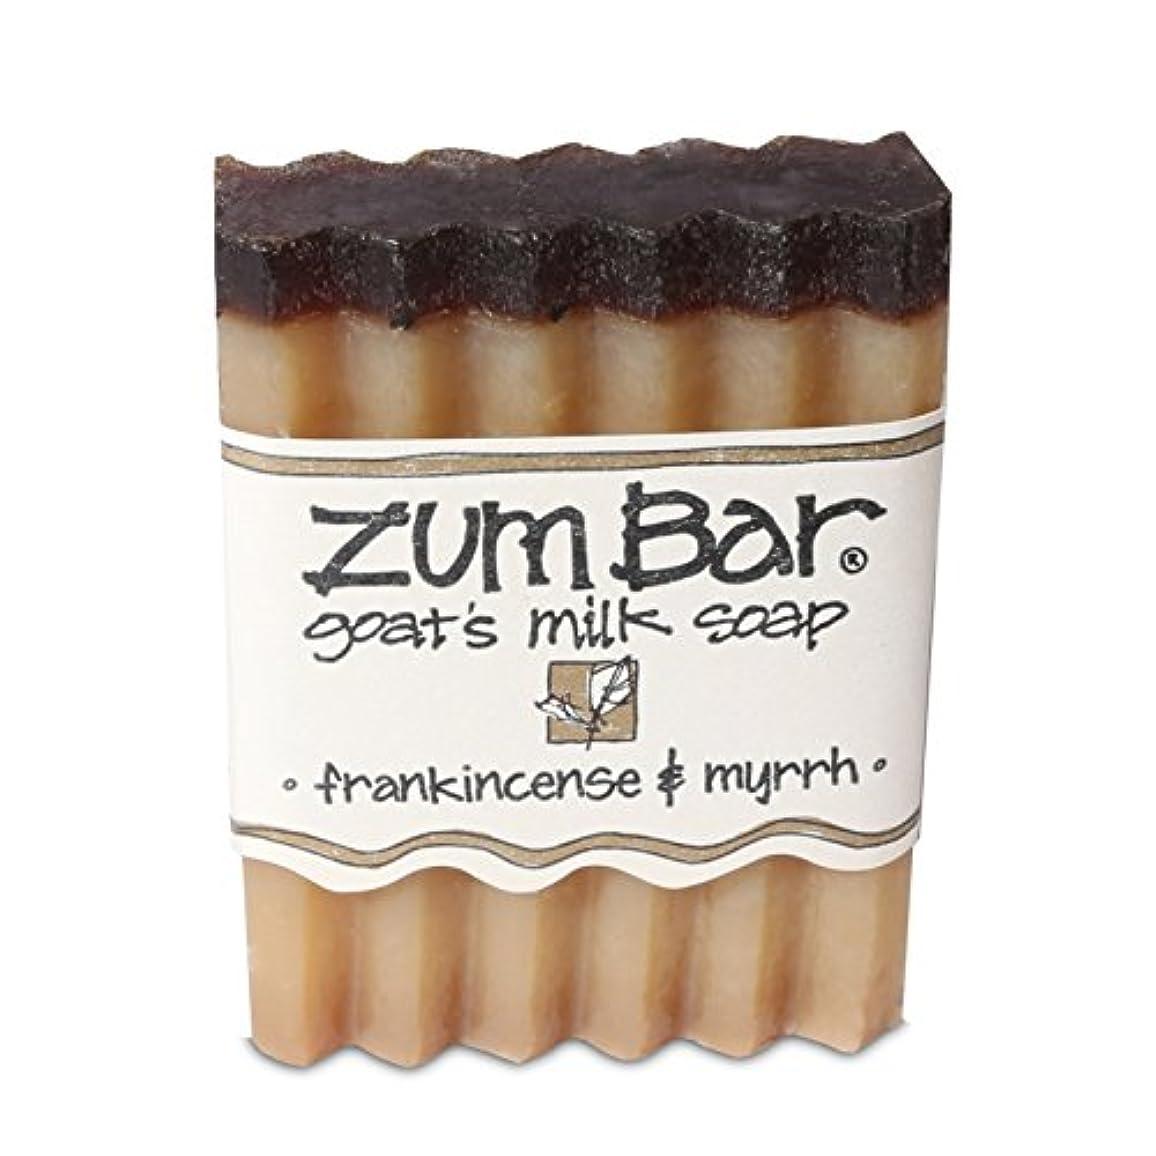 私たち生き返らせる強調海外直送品 Indigo Wild, Zum Bar, Goat's ミルク ソープ フランキンセンス&ミルラ, 3 Ounces (2個セット) (Frankincense & Myrrh) [並行輸入品]